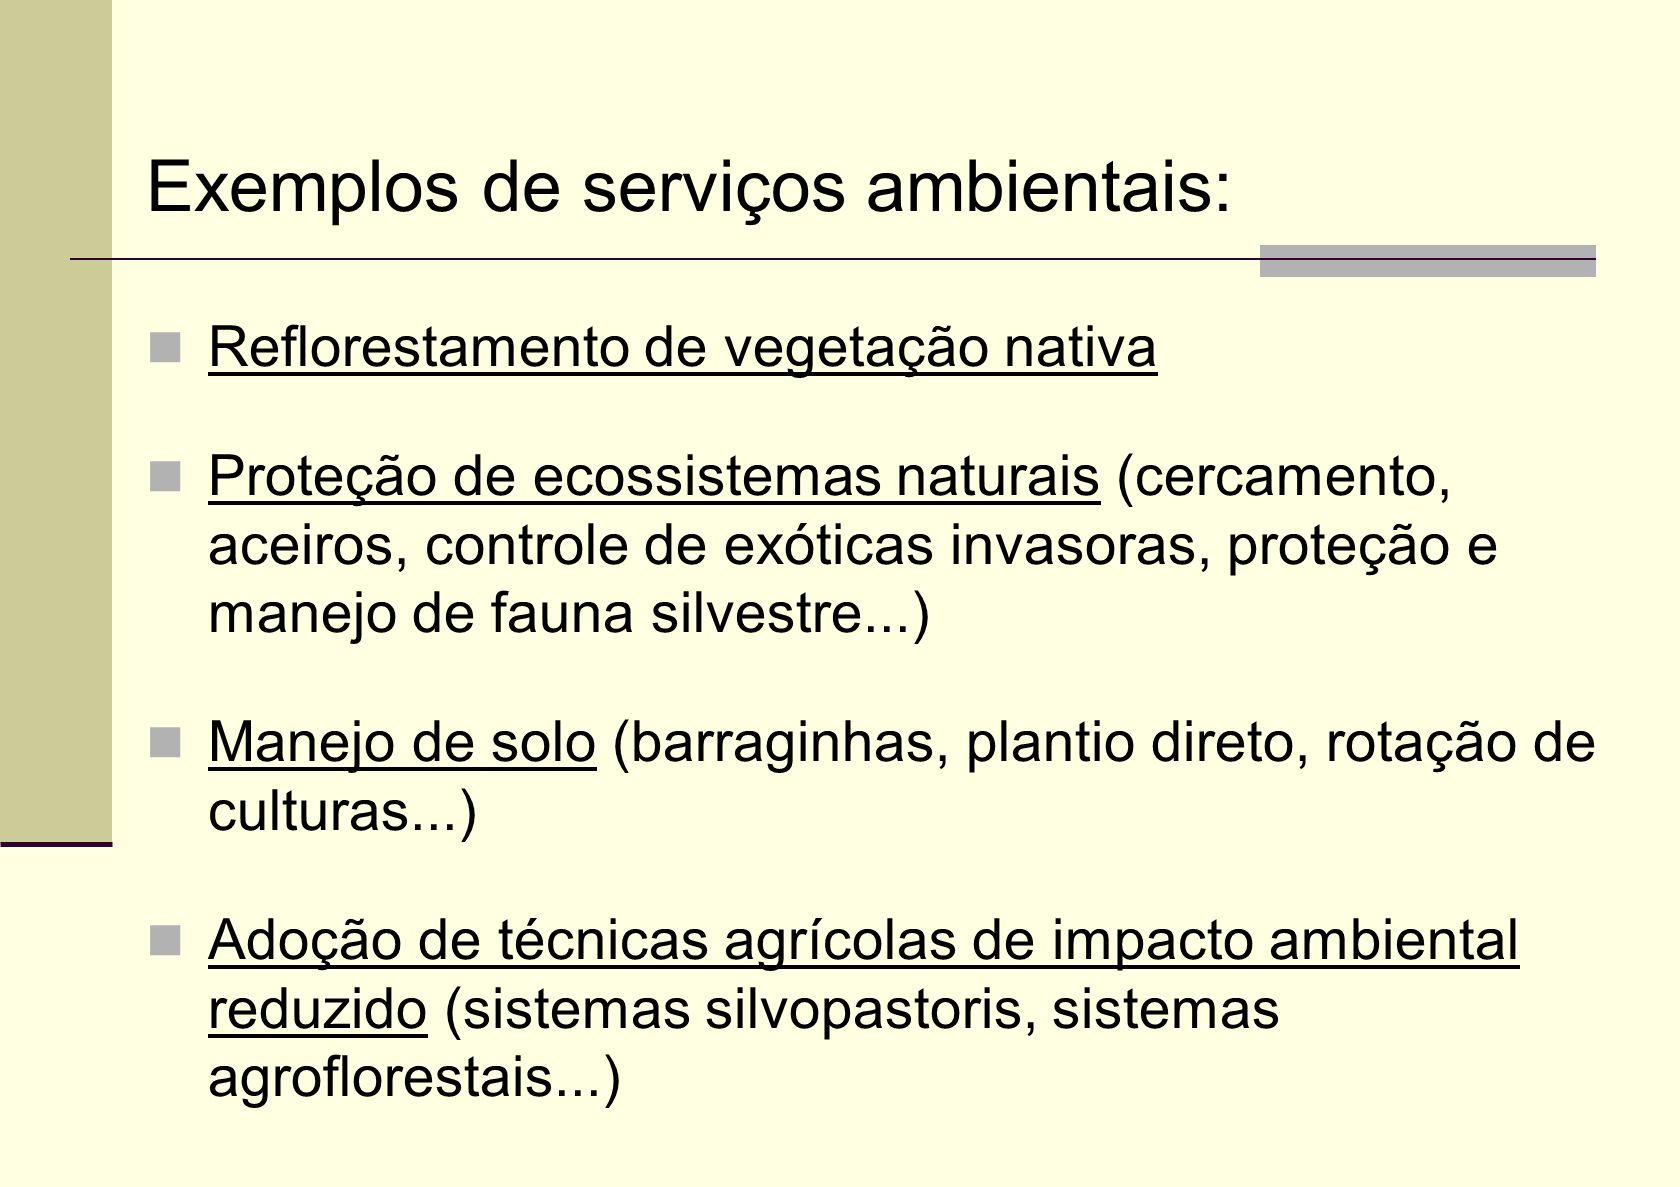 Exemplos de serviços ambientais: